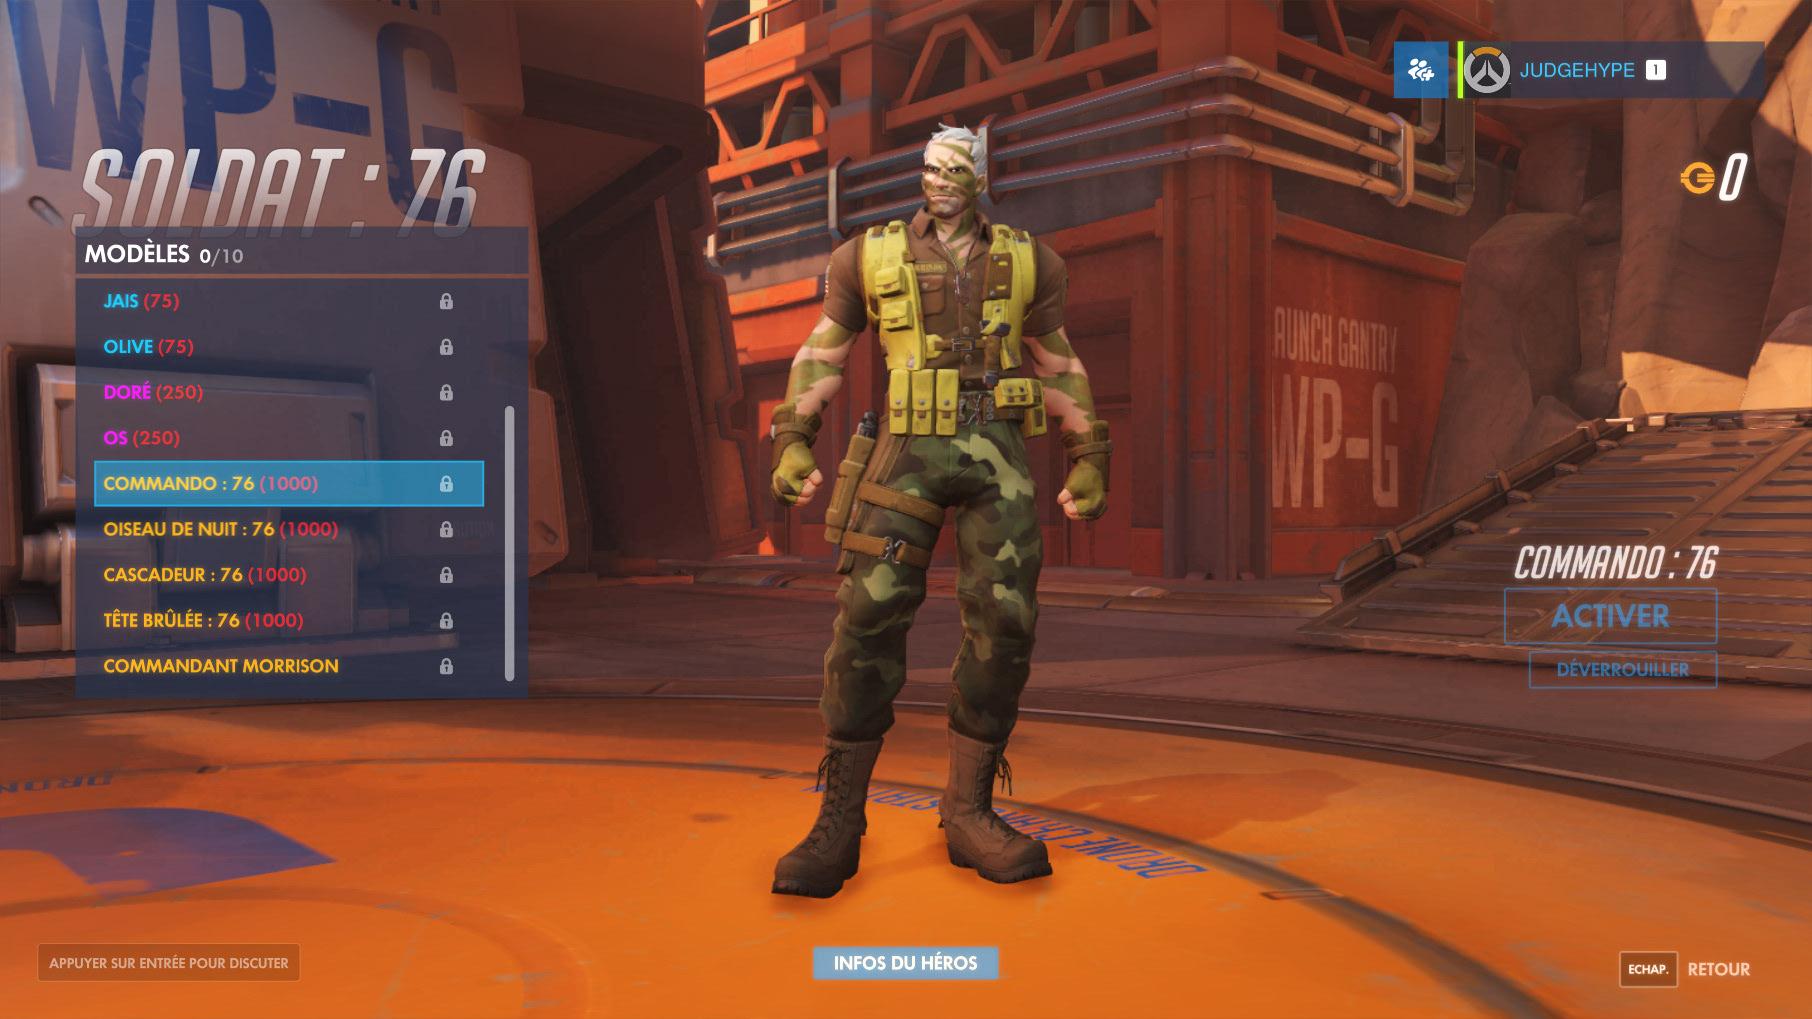 Apparence de Soldat 76 dans Overwatch.